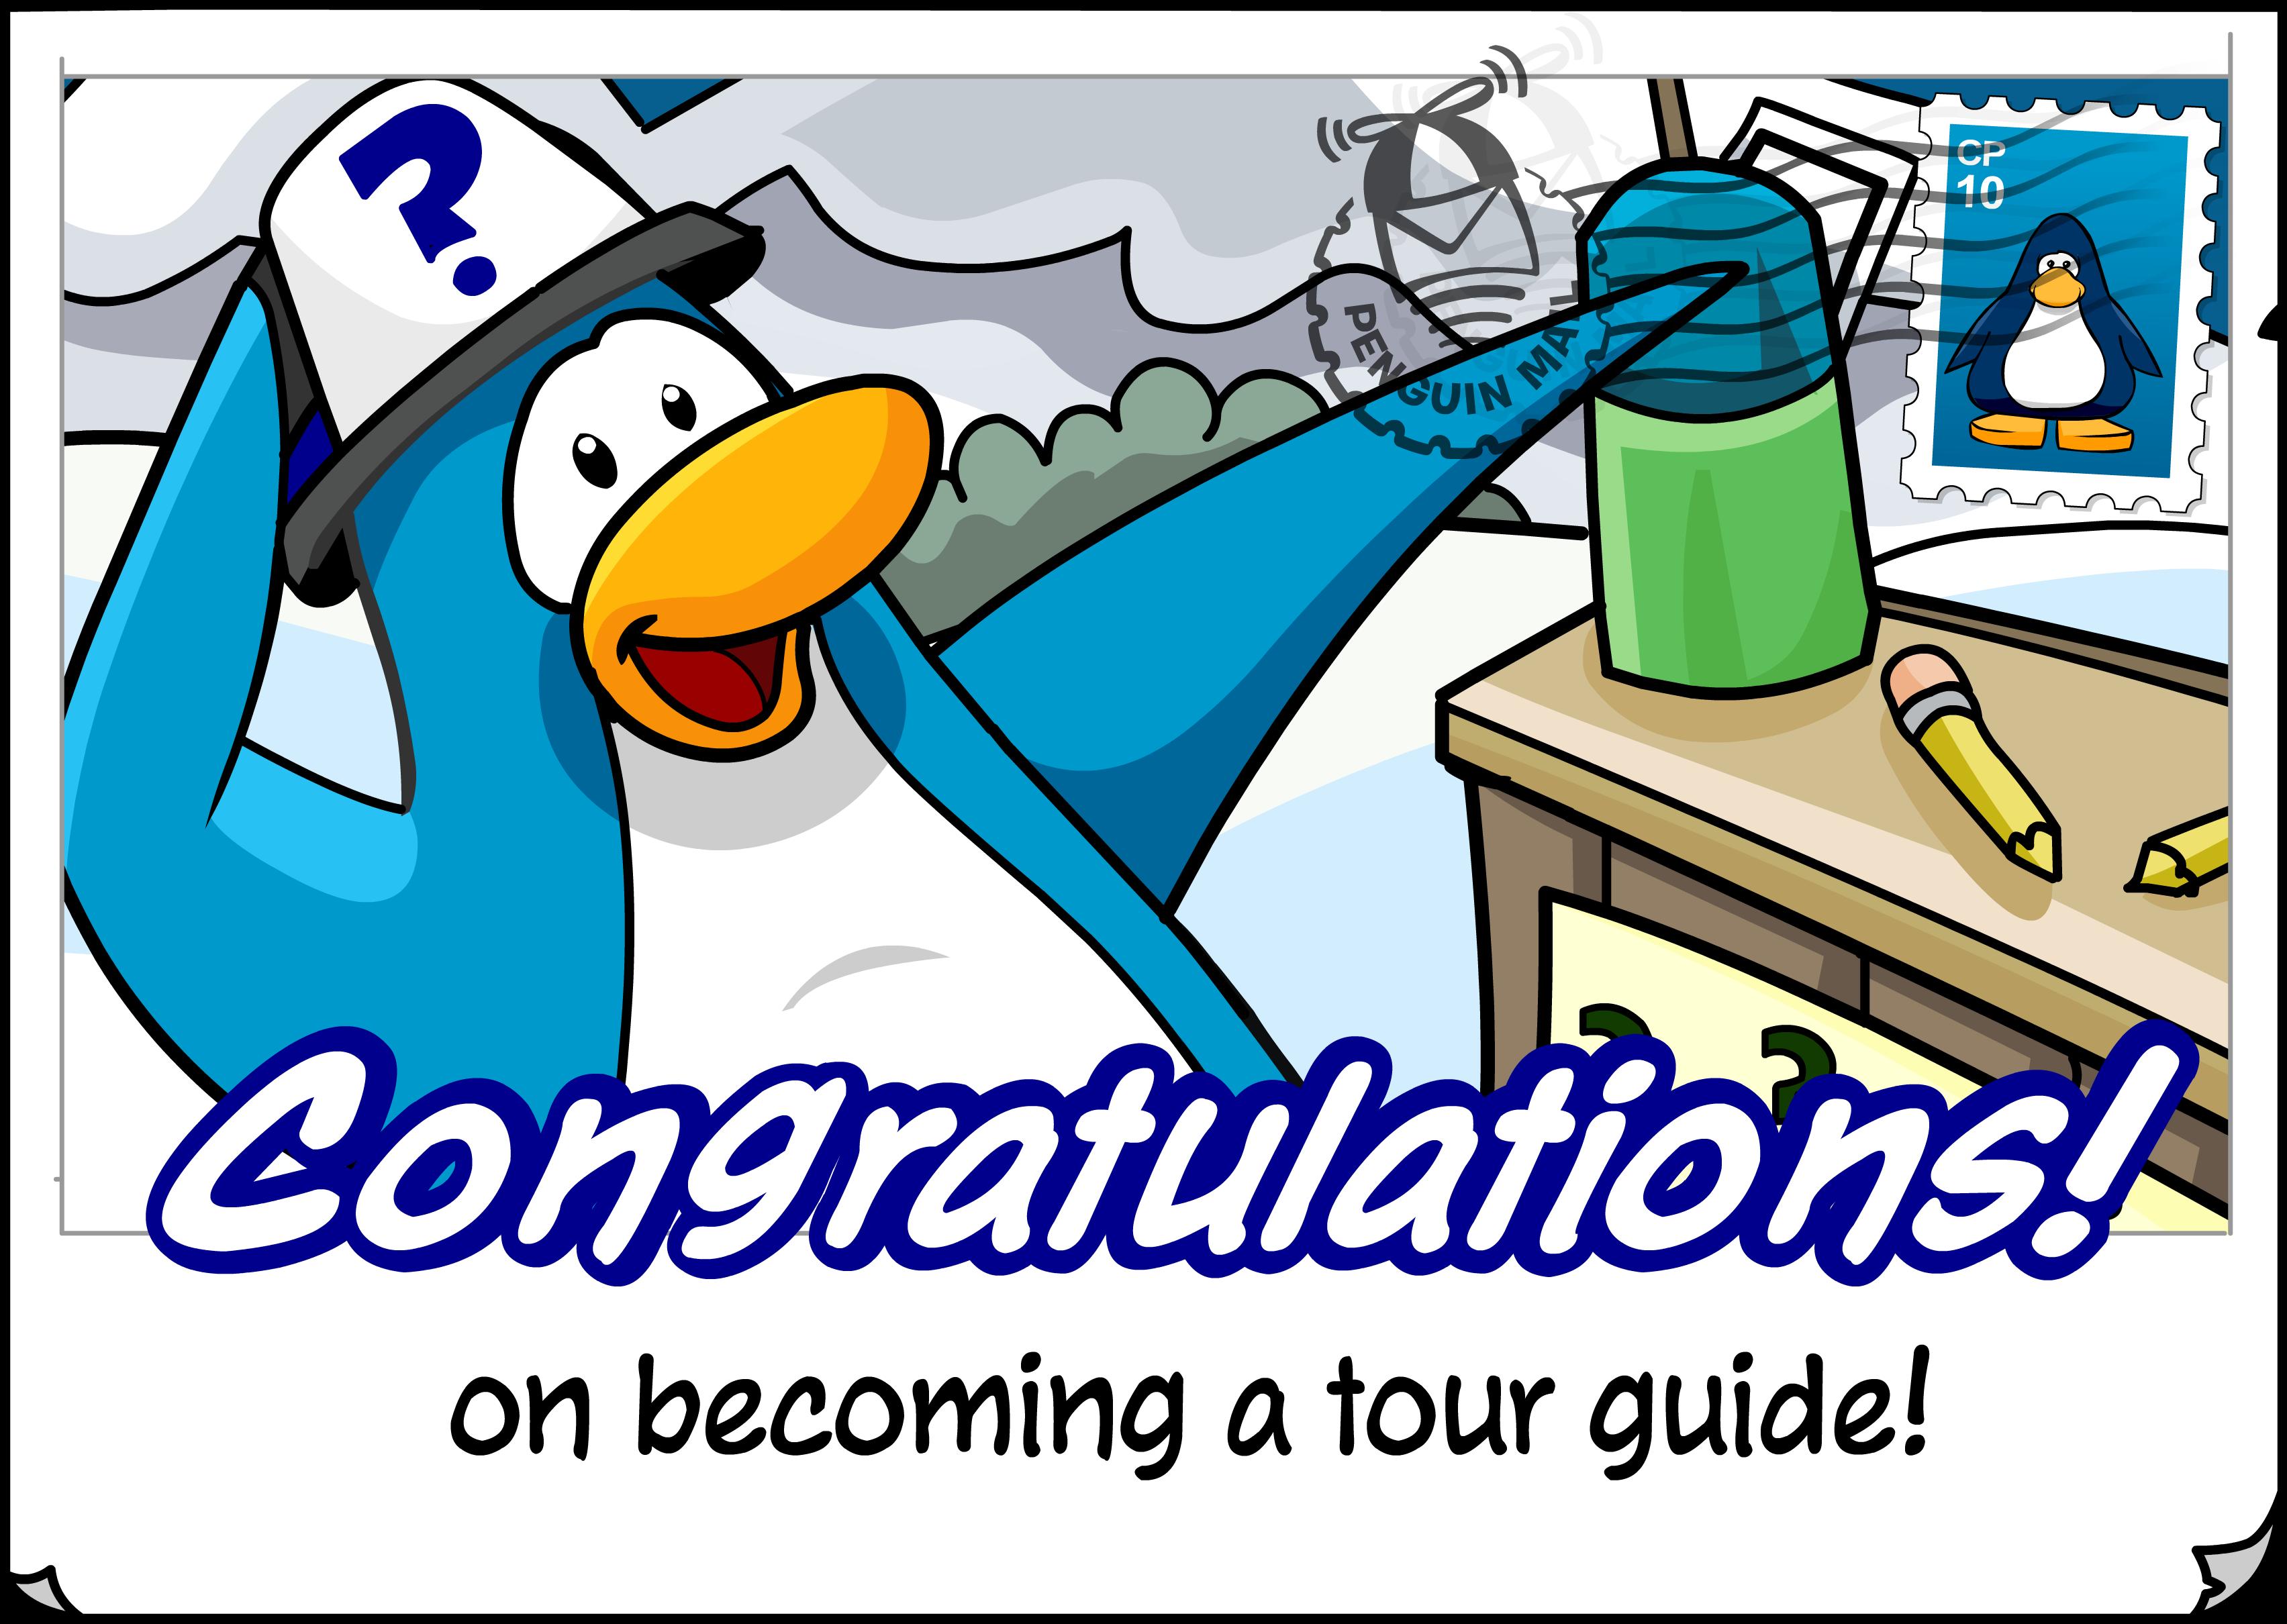 File:Congratulations Tour Guide postcard.png